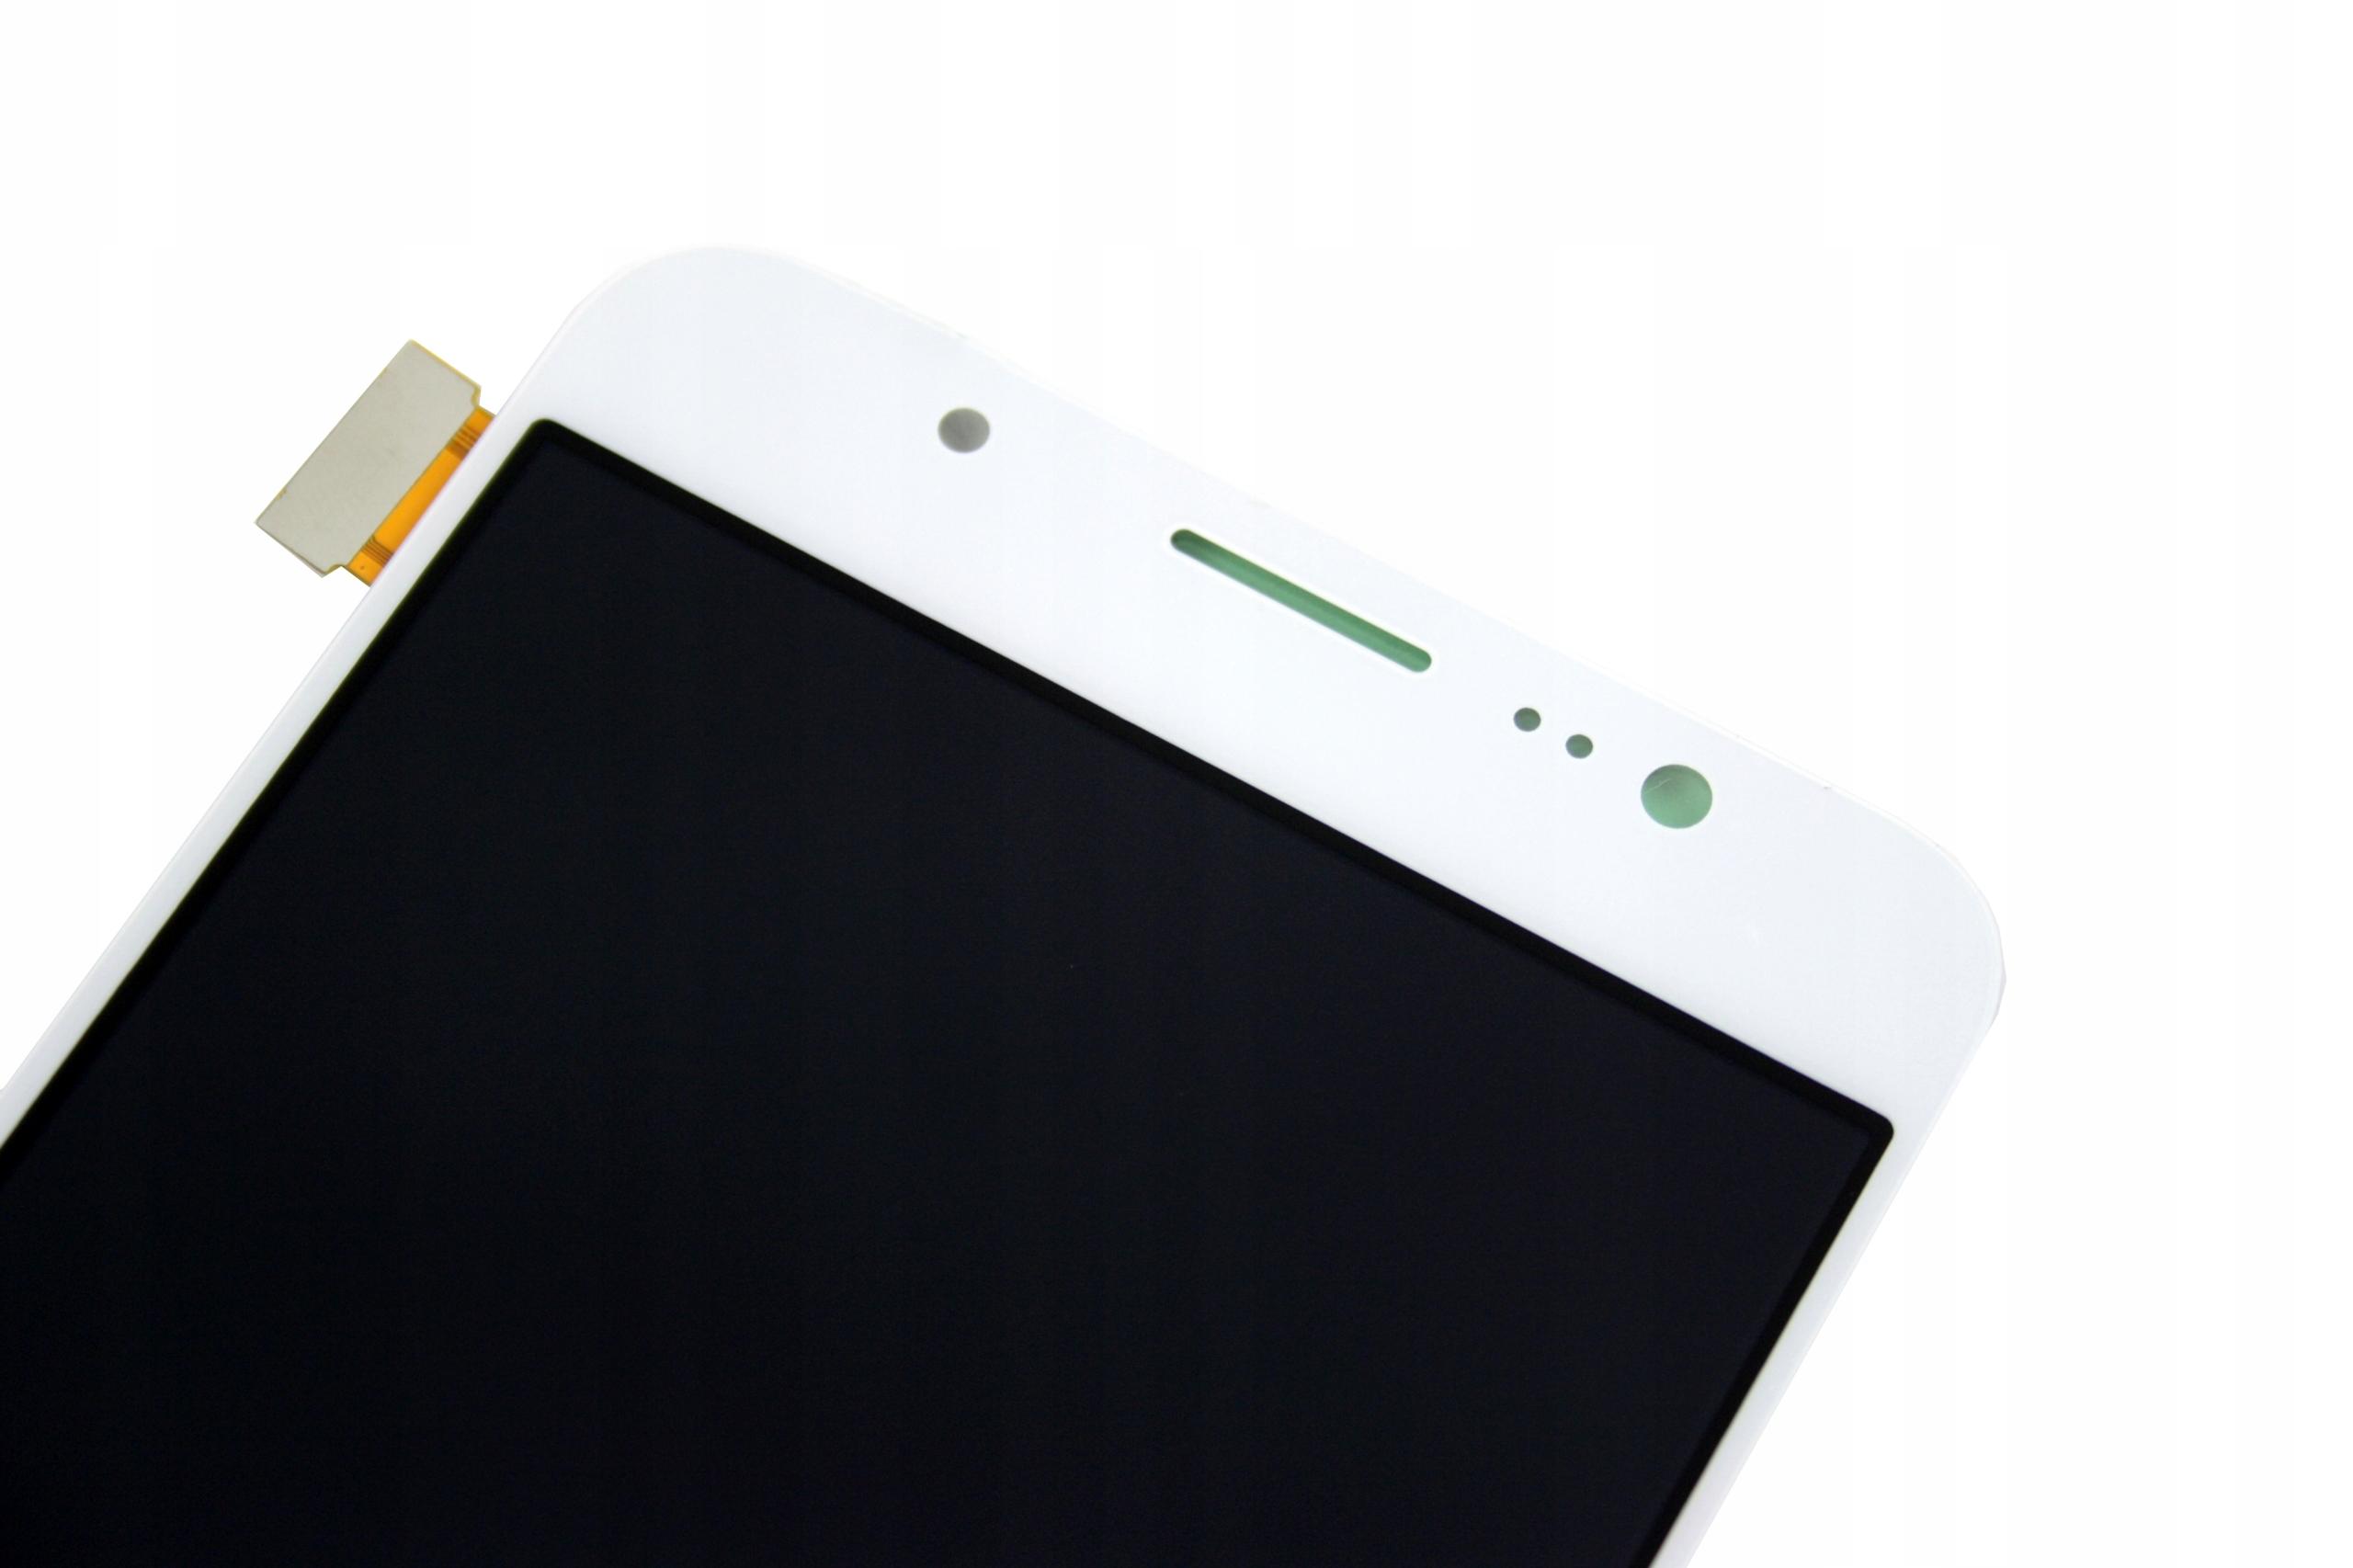 LCD WYŚWIETLACZ DIGITIZER DO SAMSUNG J7 2016 J710